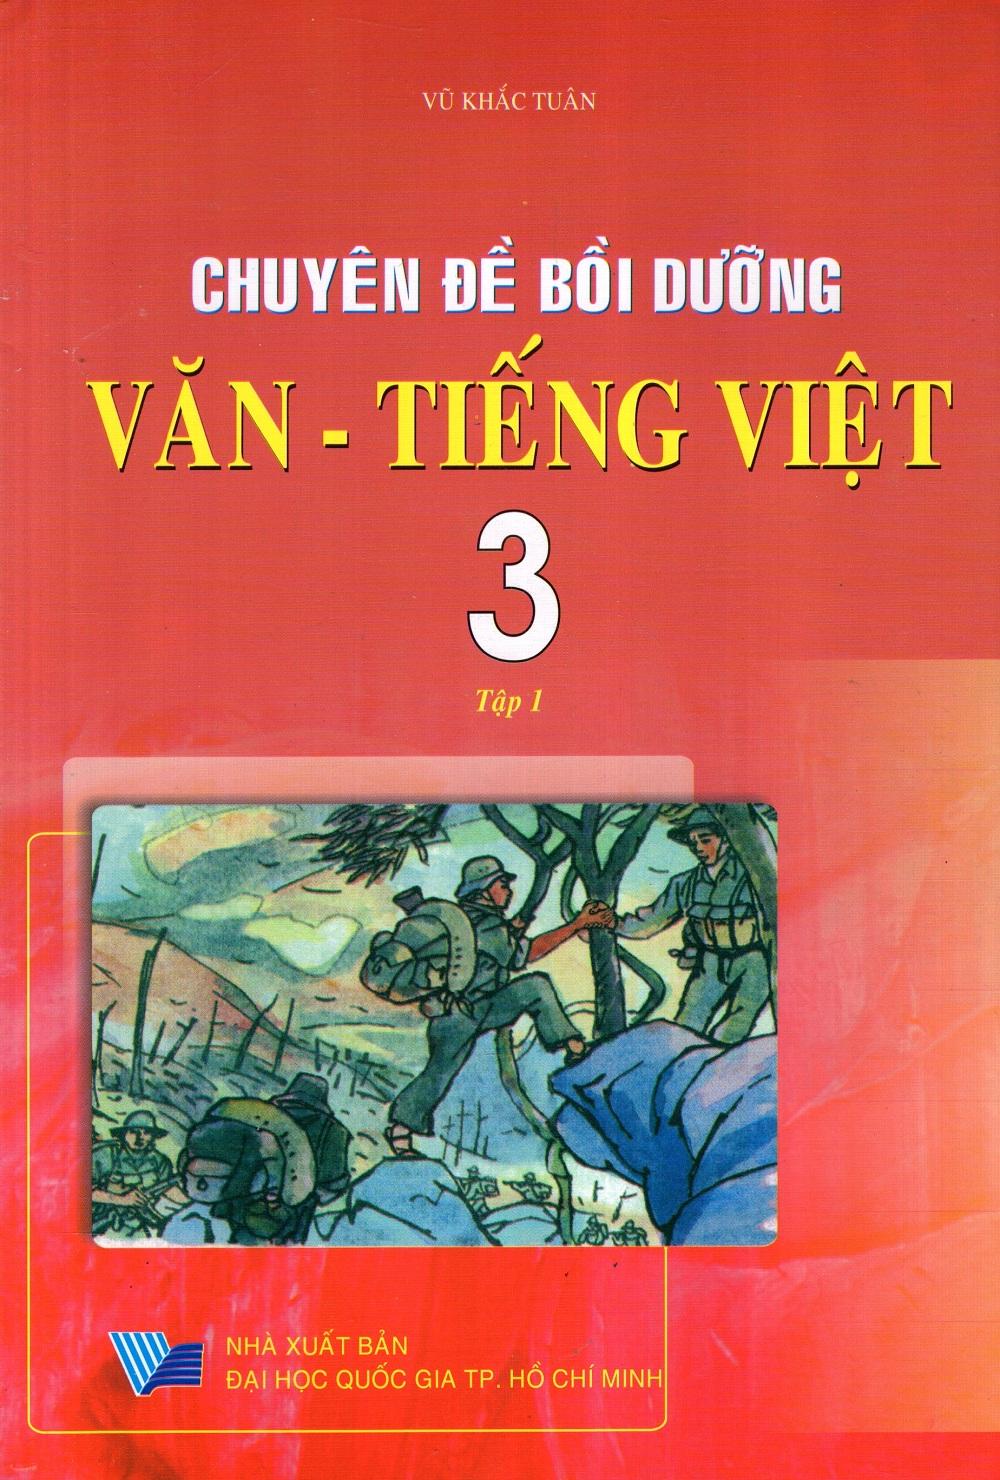 Bìa sách Chuyên Đề Bồi Dưỡng Văn - Tiếng Việt Lớp 3 (Tập 1)